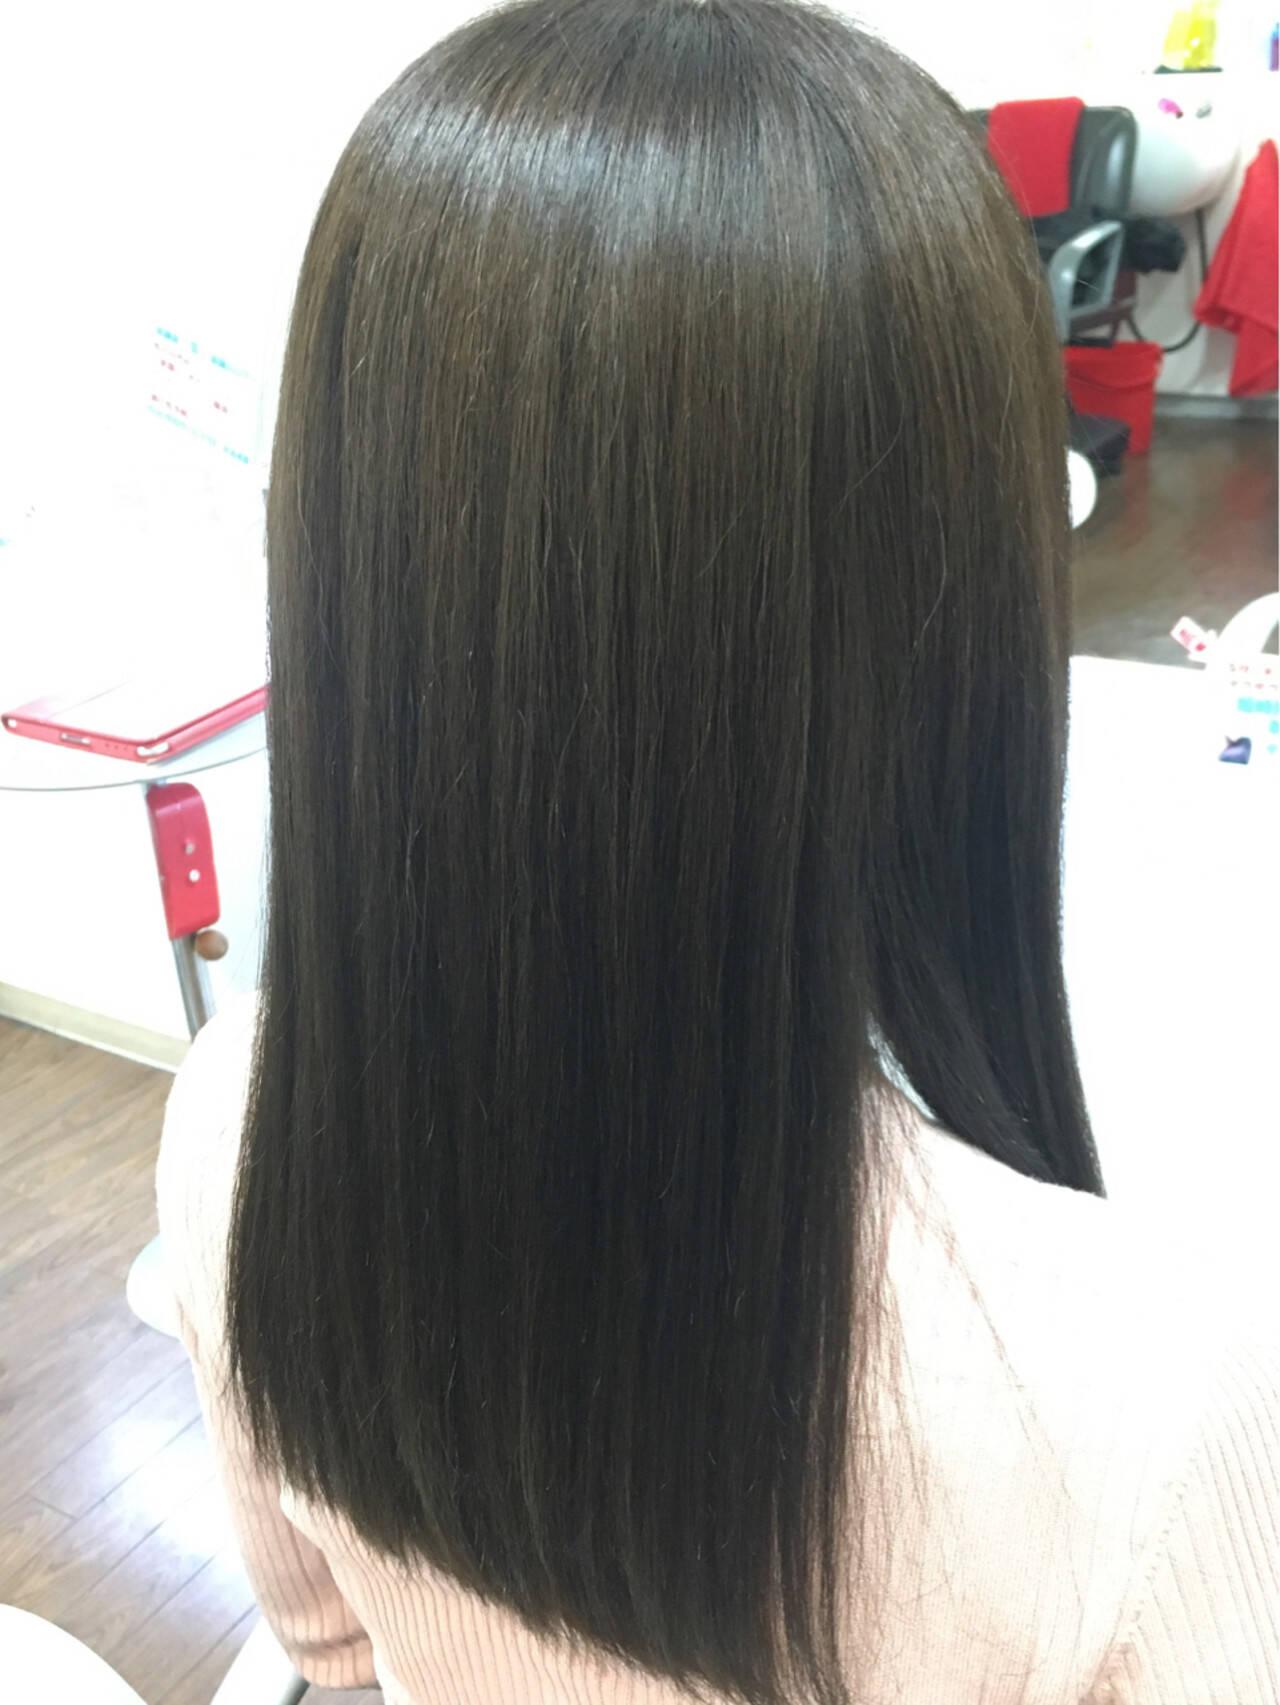 ブルージュ ストリート セミロング ハイライトヘアスタイルや髪型の写真・画像